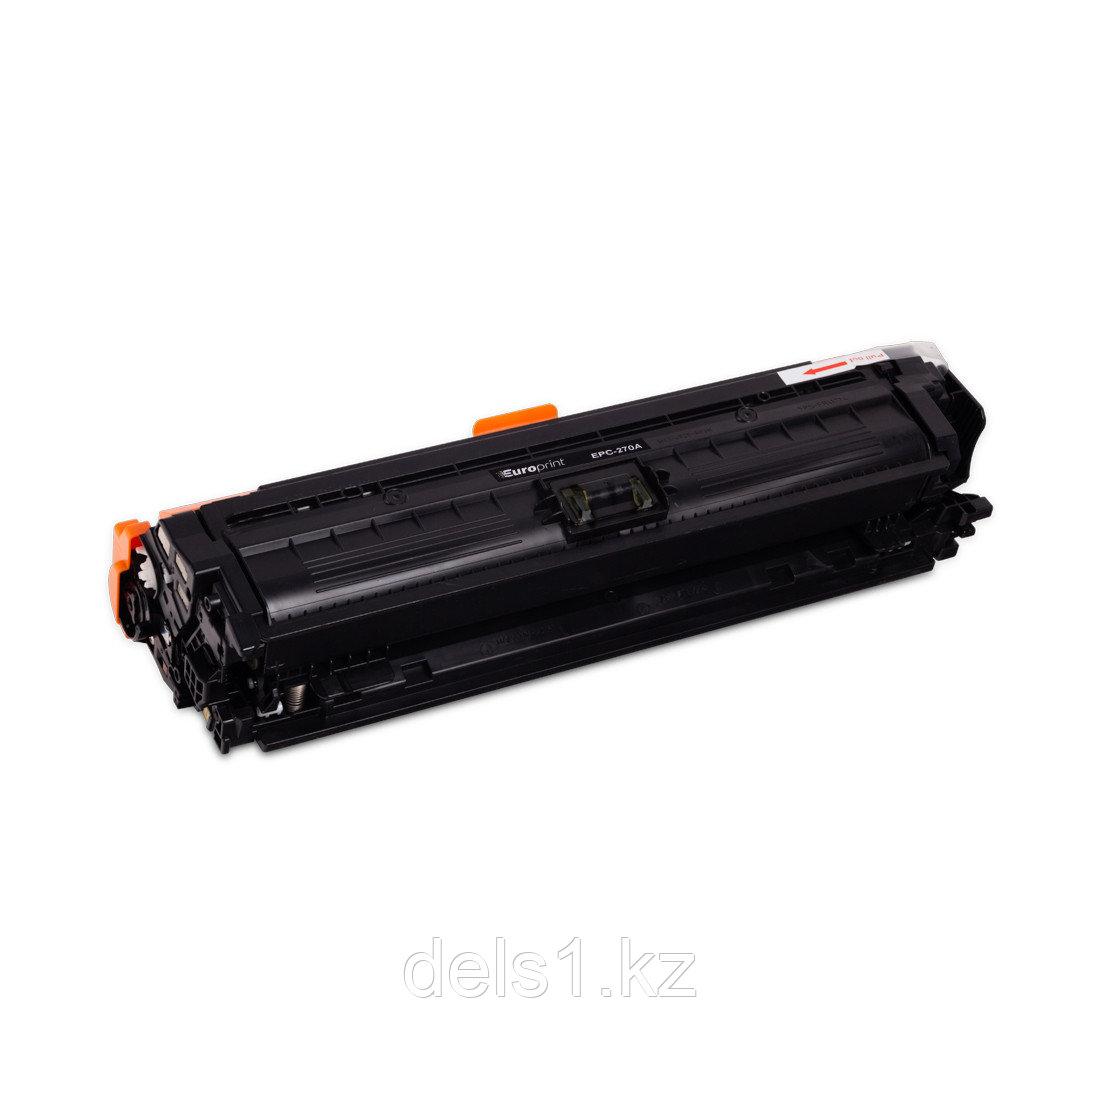 Картридж, Europrint, EPC-270A, Чёрный, Для принтеров HP Color LaserJet Enterprise CP5520/5525, 13500 страниц,